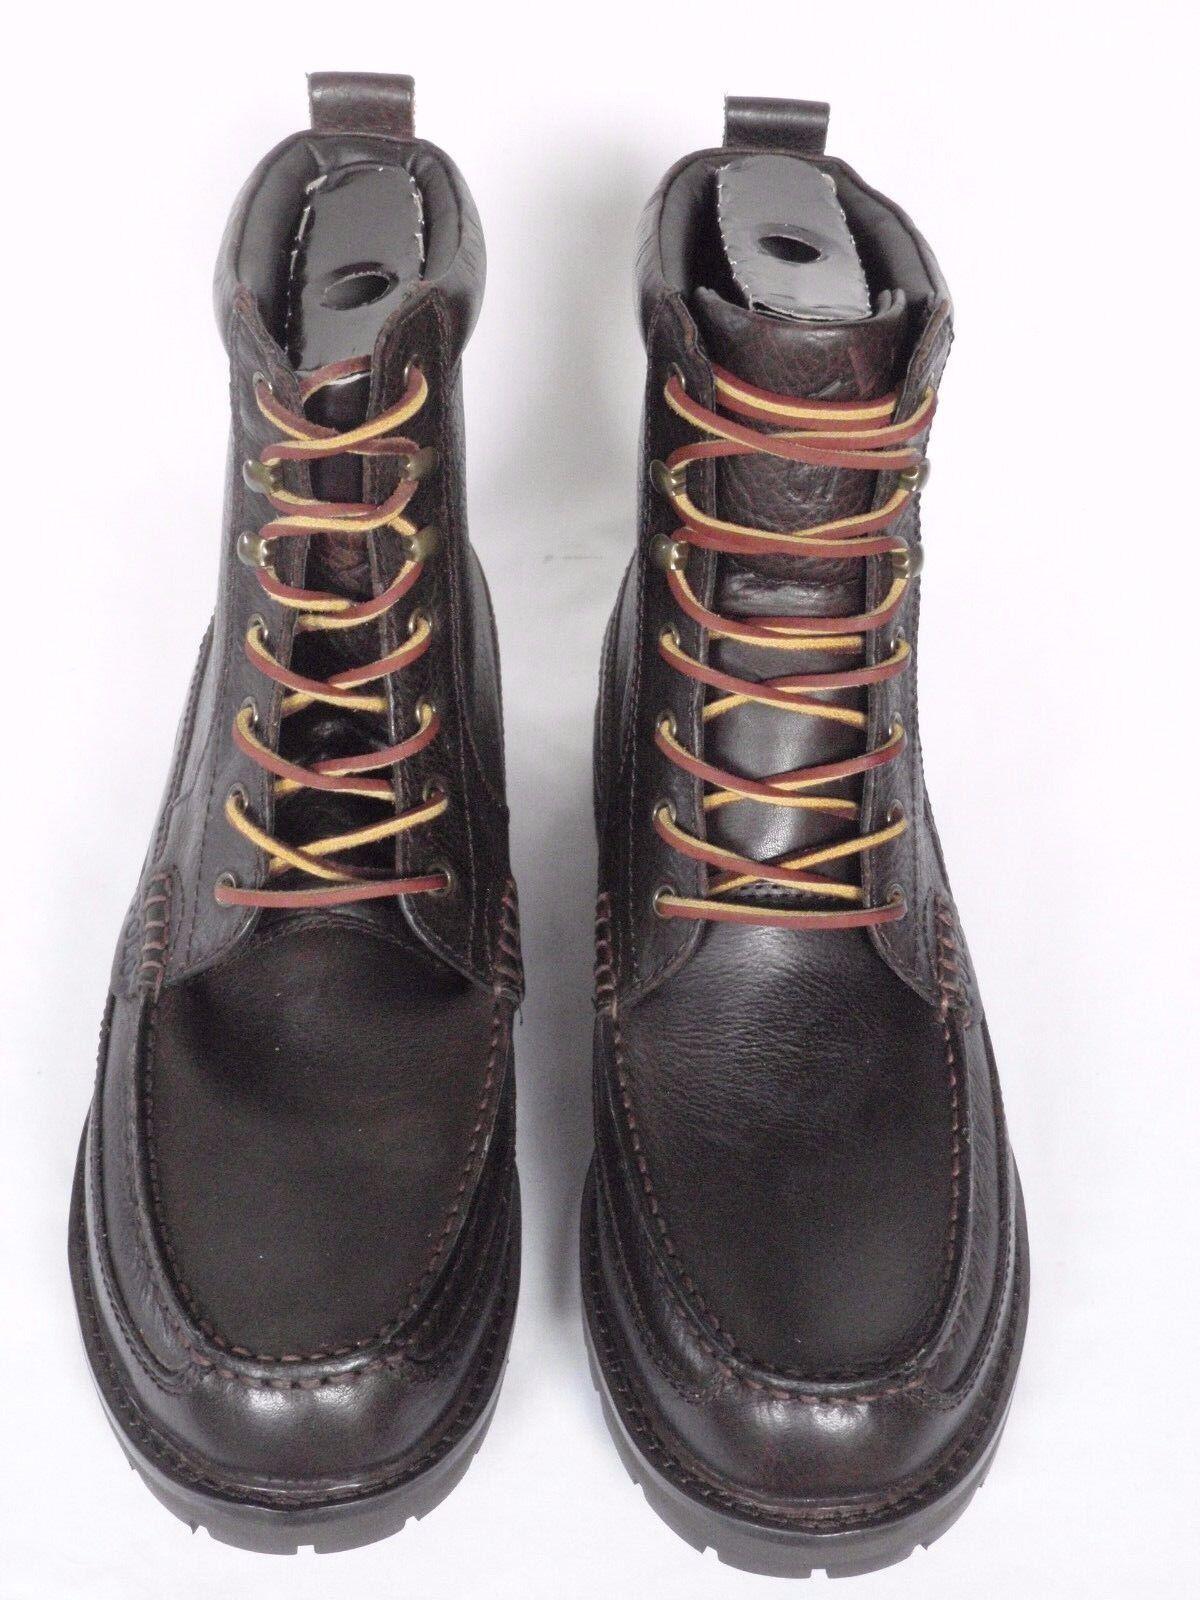 NUOVA linea uomo Ralph Lauren a grana marrone scuro in pelle Stivali e USA 11 RRP